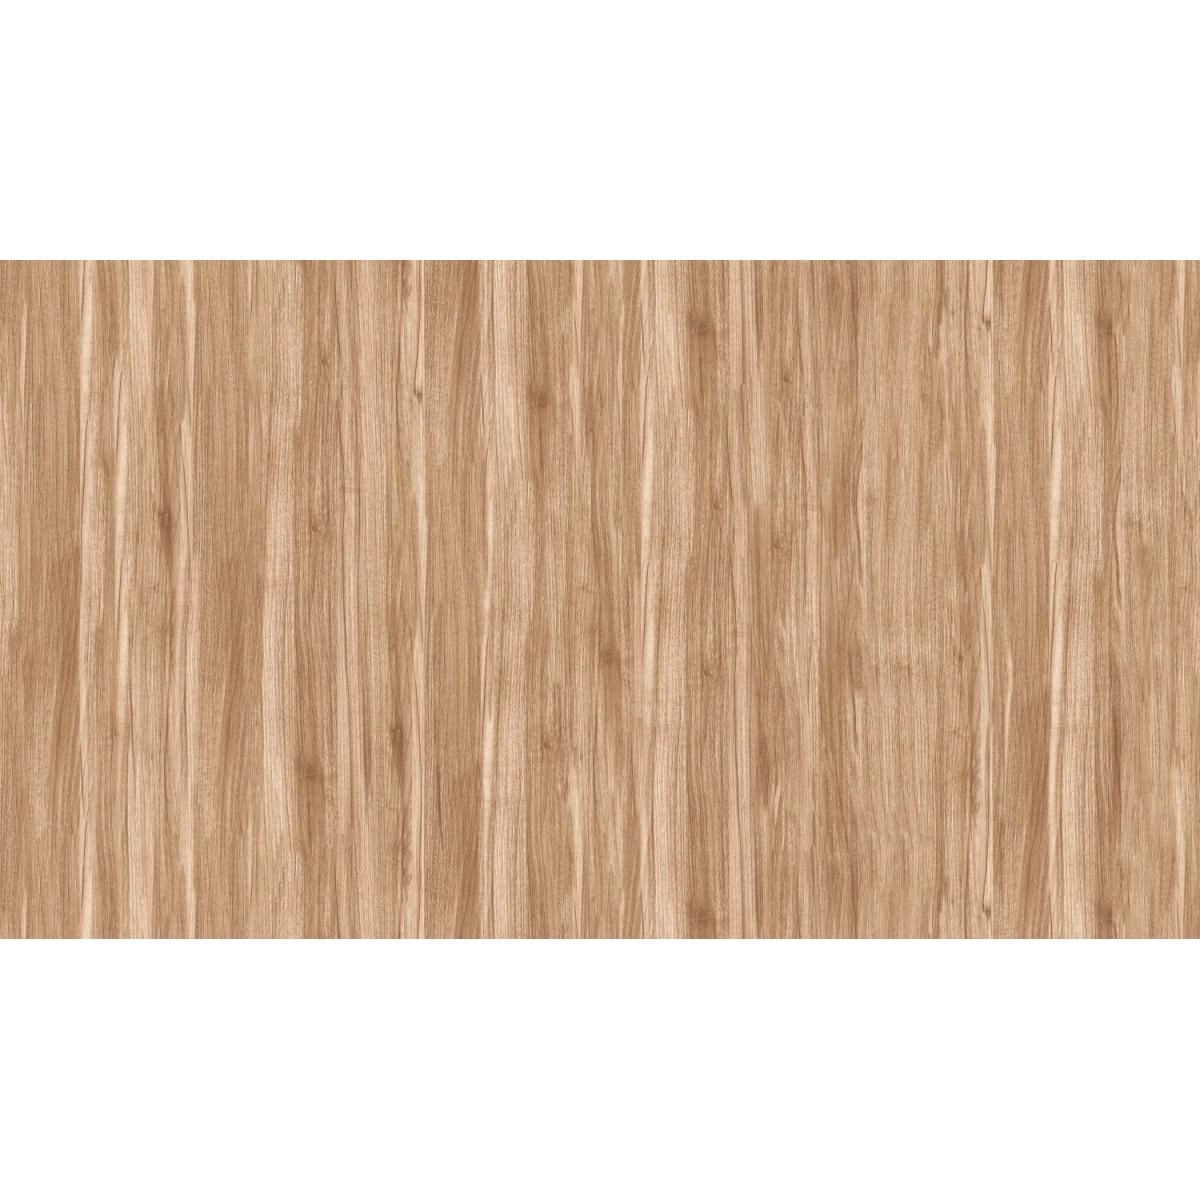 Обои виниловые Shinhan Wallcoverings коричневые 1.06 м 88339-3